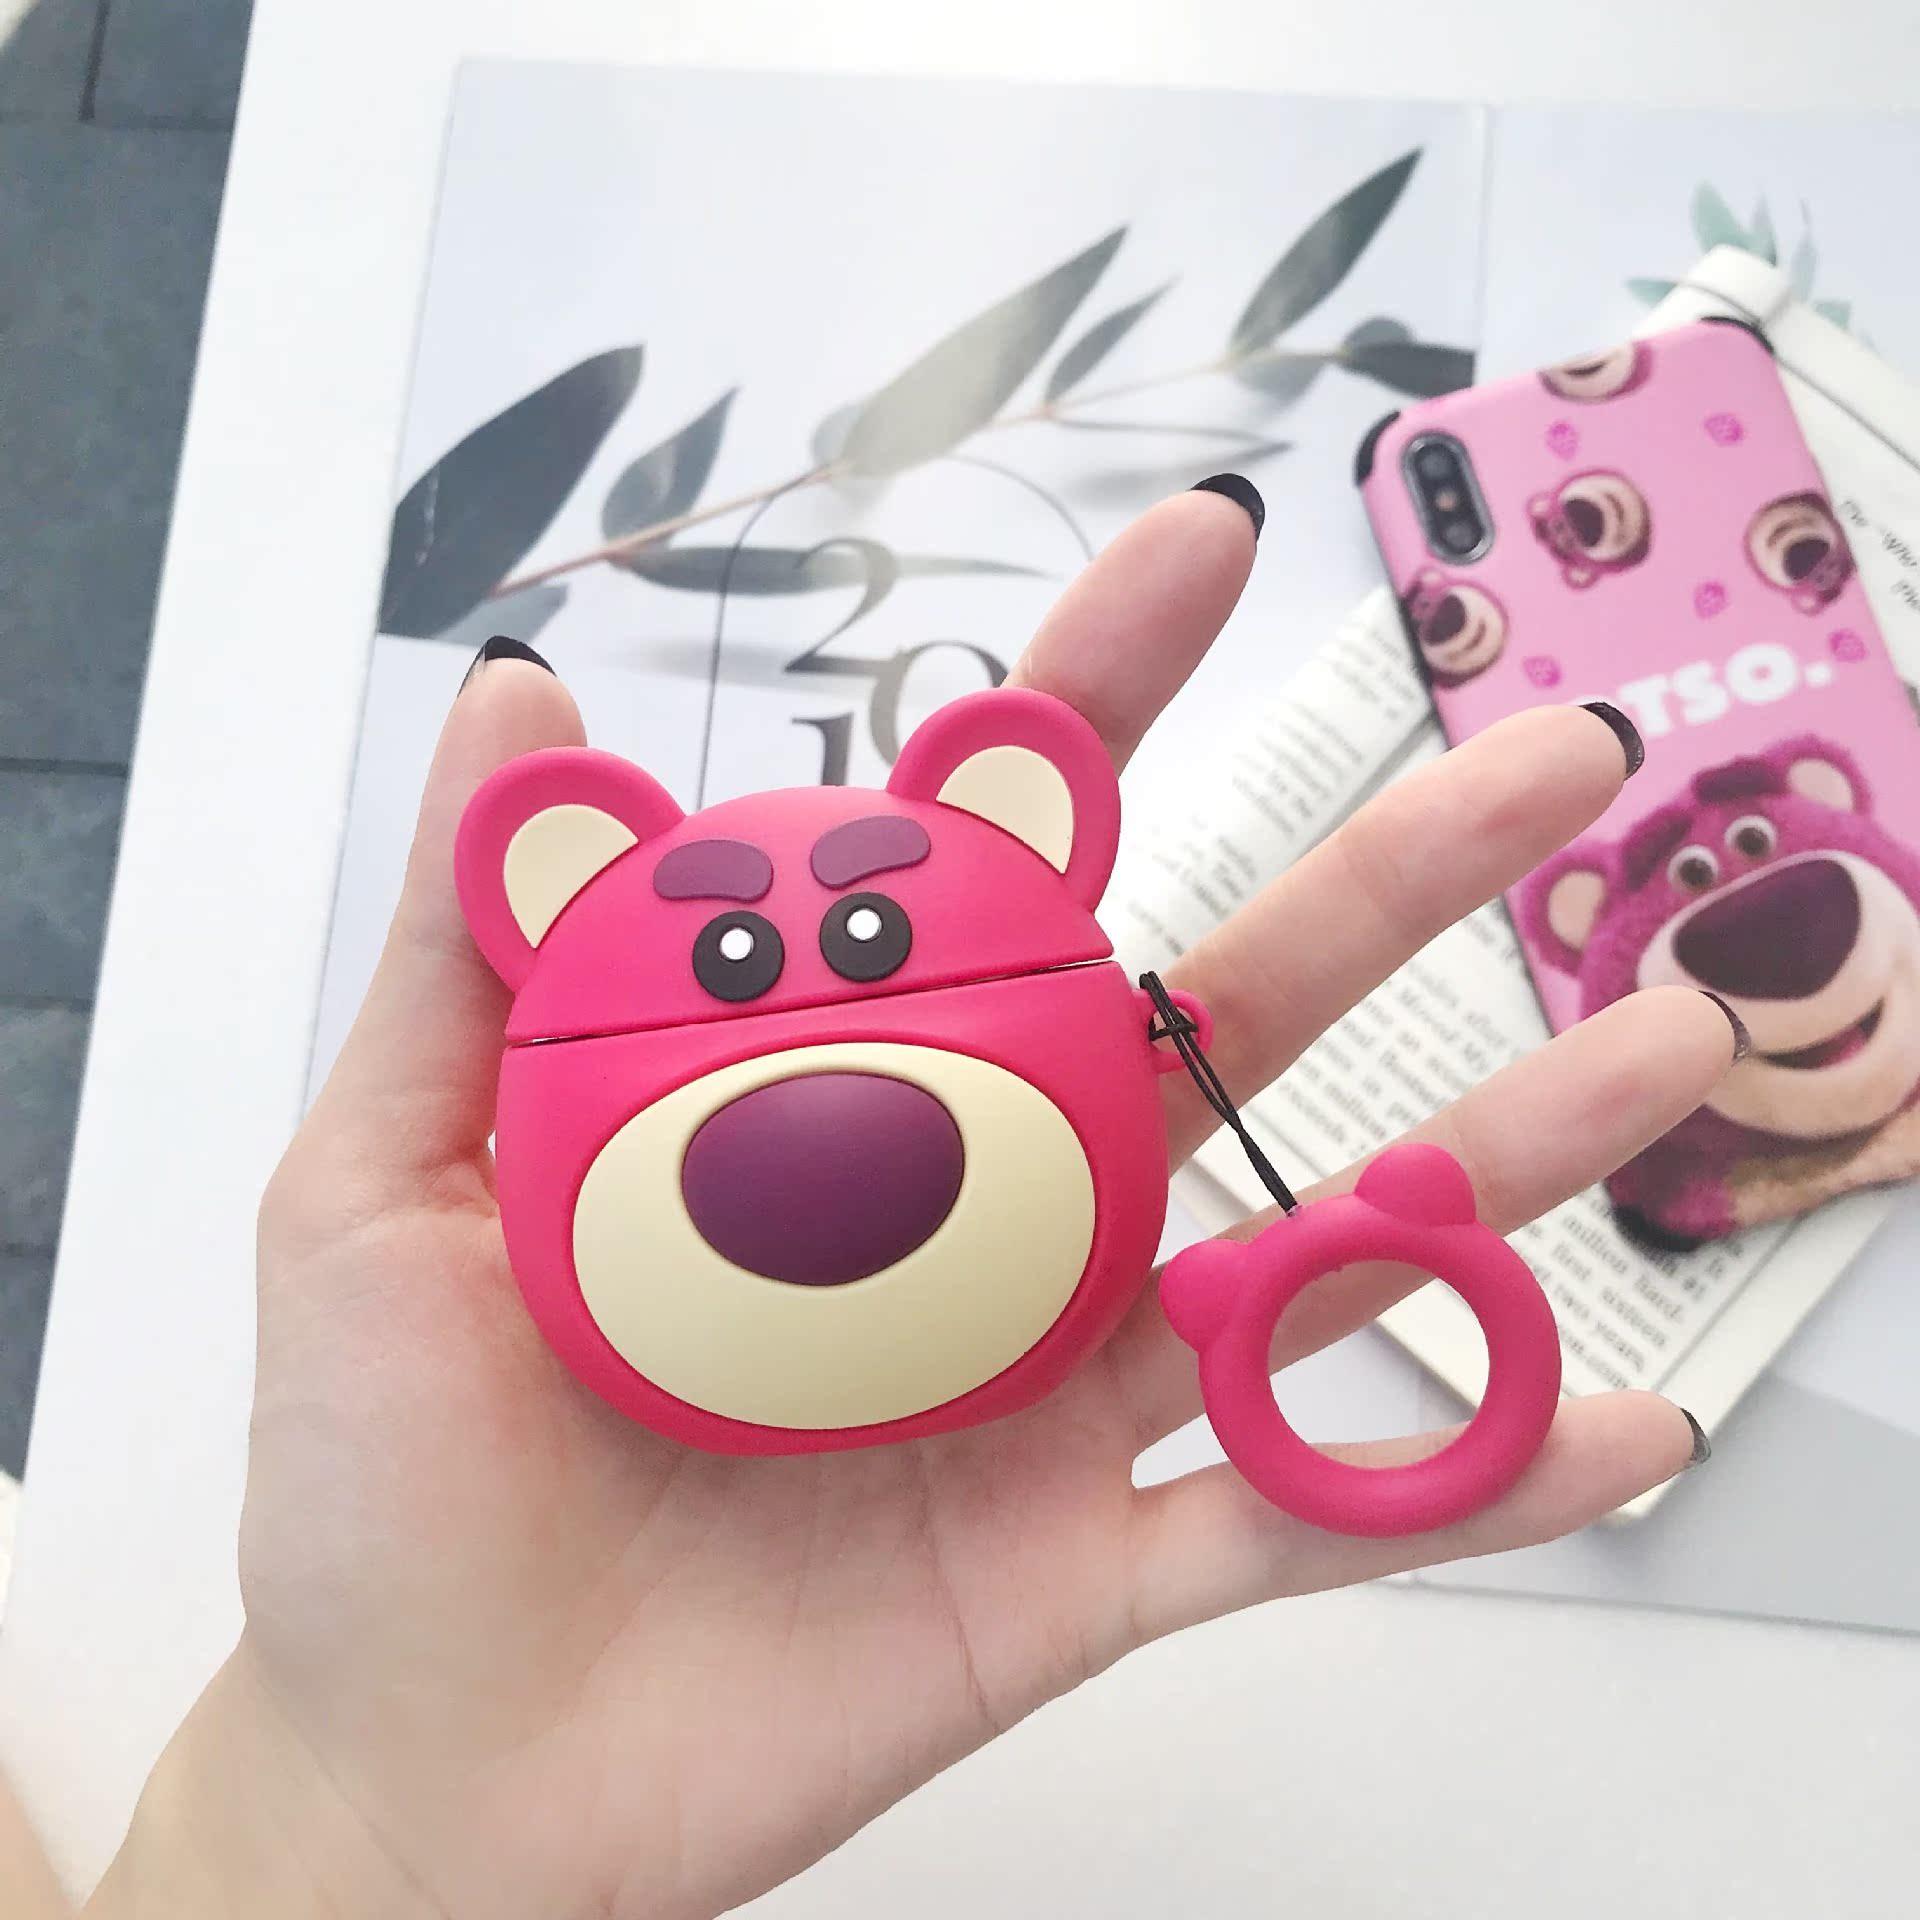 暴力熊苹果AirPods保护套潮牌1.2代保护壳无线耳机套立体粉熊适用,可领取2元淘宝优惠券